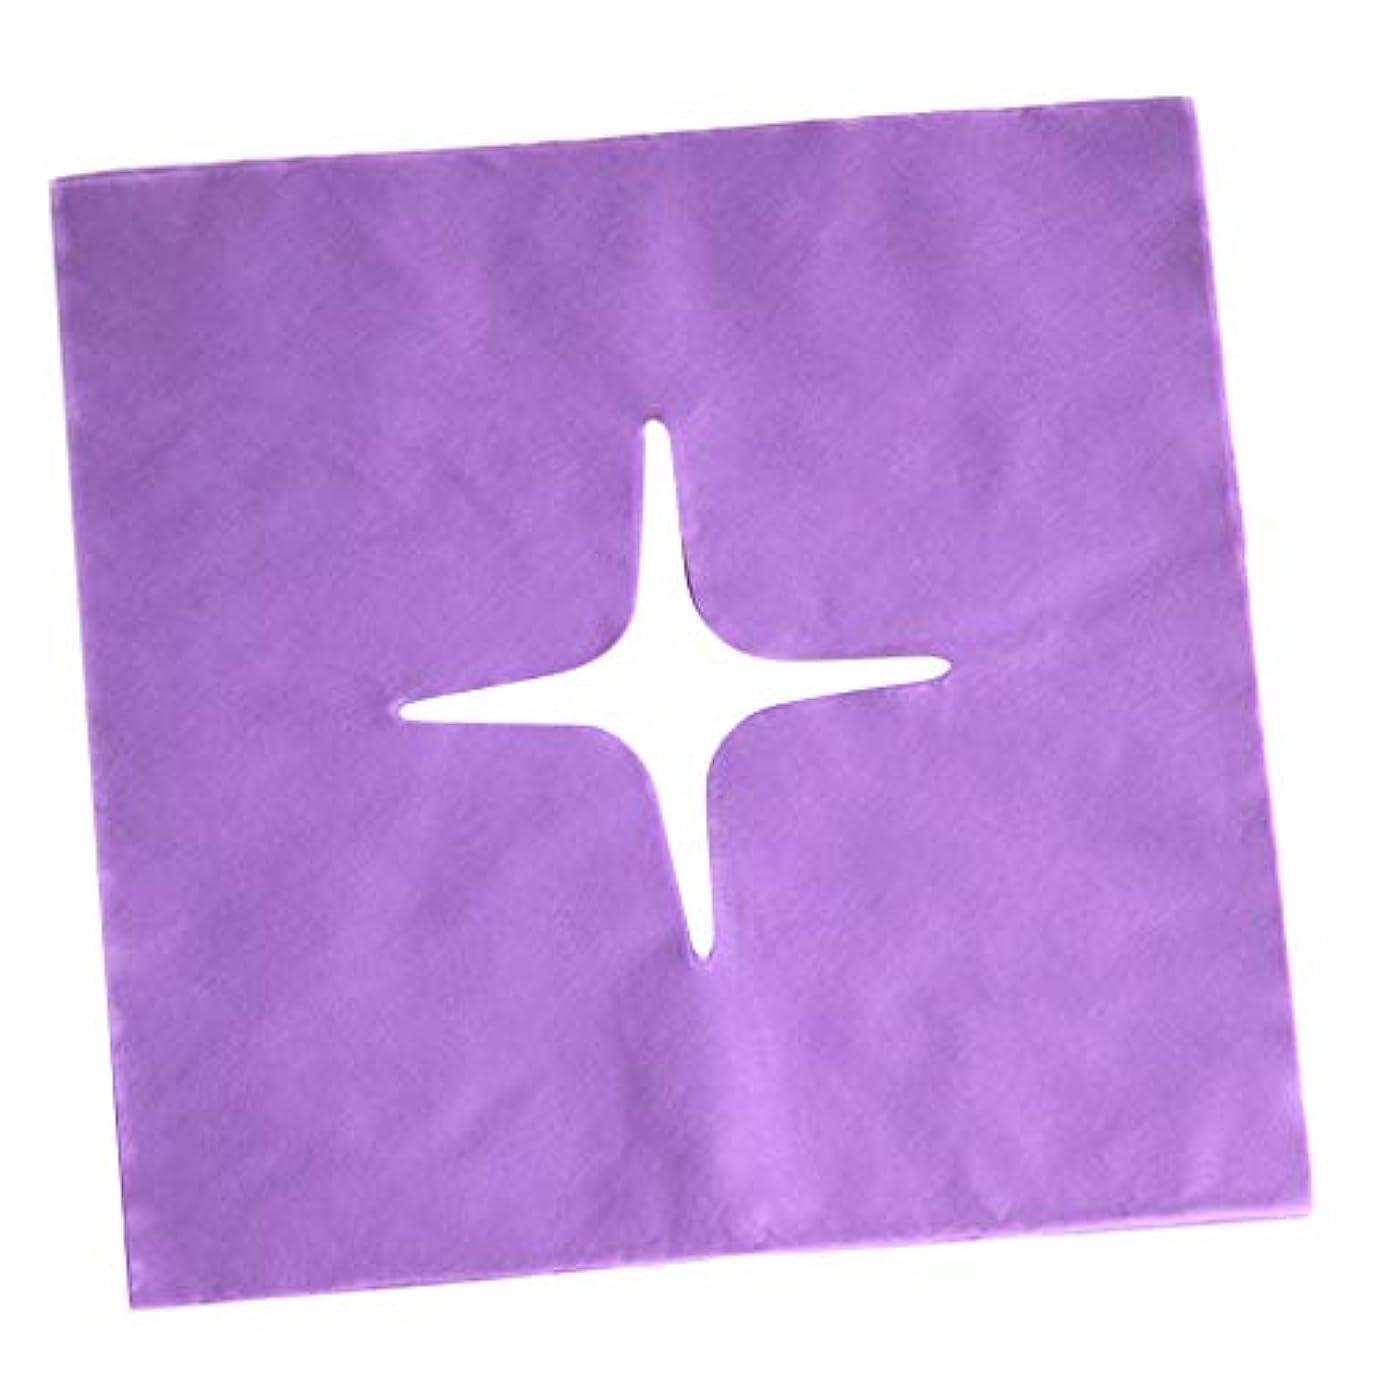 インデックスマトンパキスタンHellery フェイスクレードルカバー マッサージフェイスカバー 使い捨て マッサージ用 美容院 サロン 全3色 - 紫の